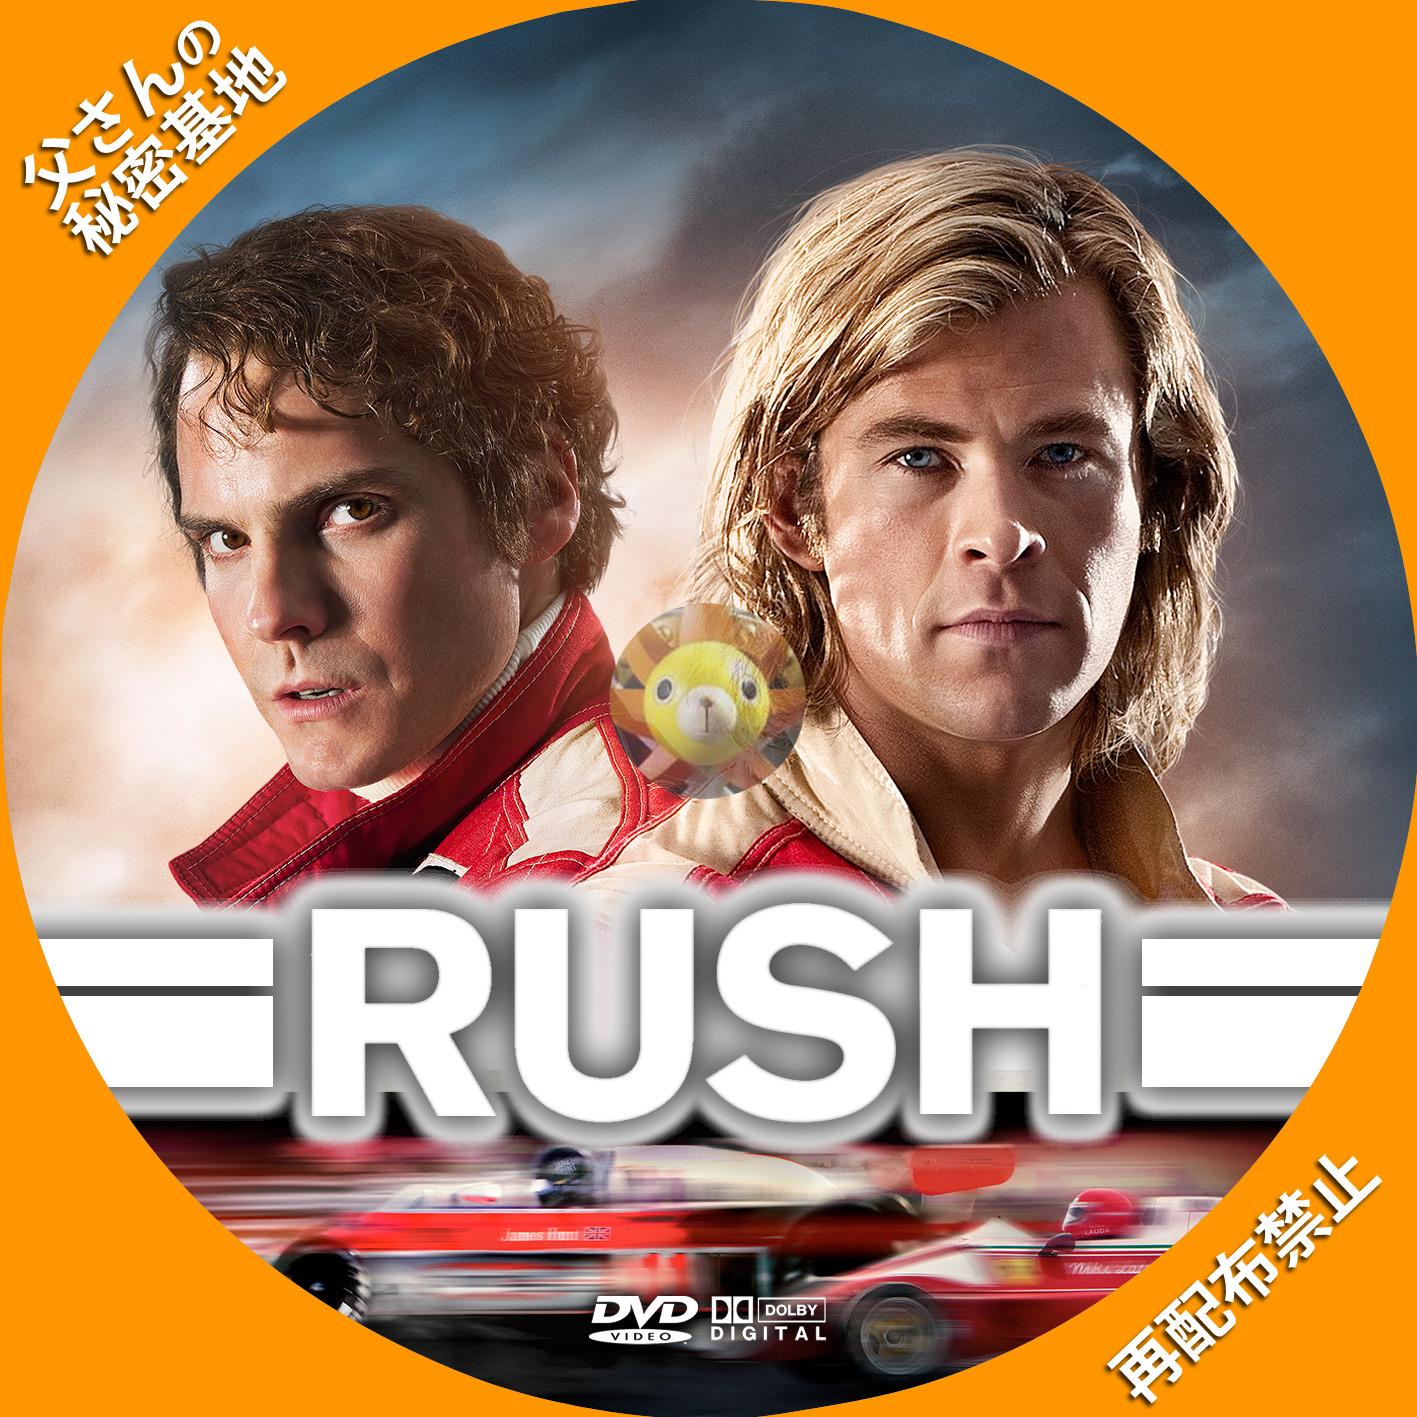 RUSH_02_DVD.jpg